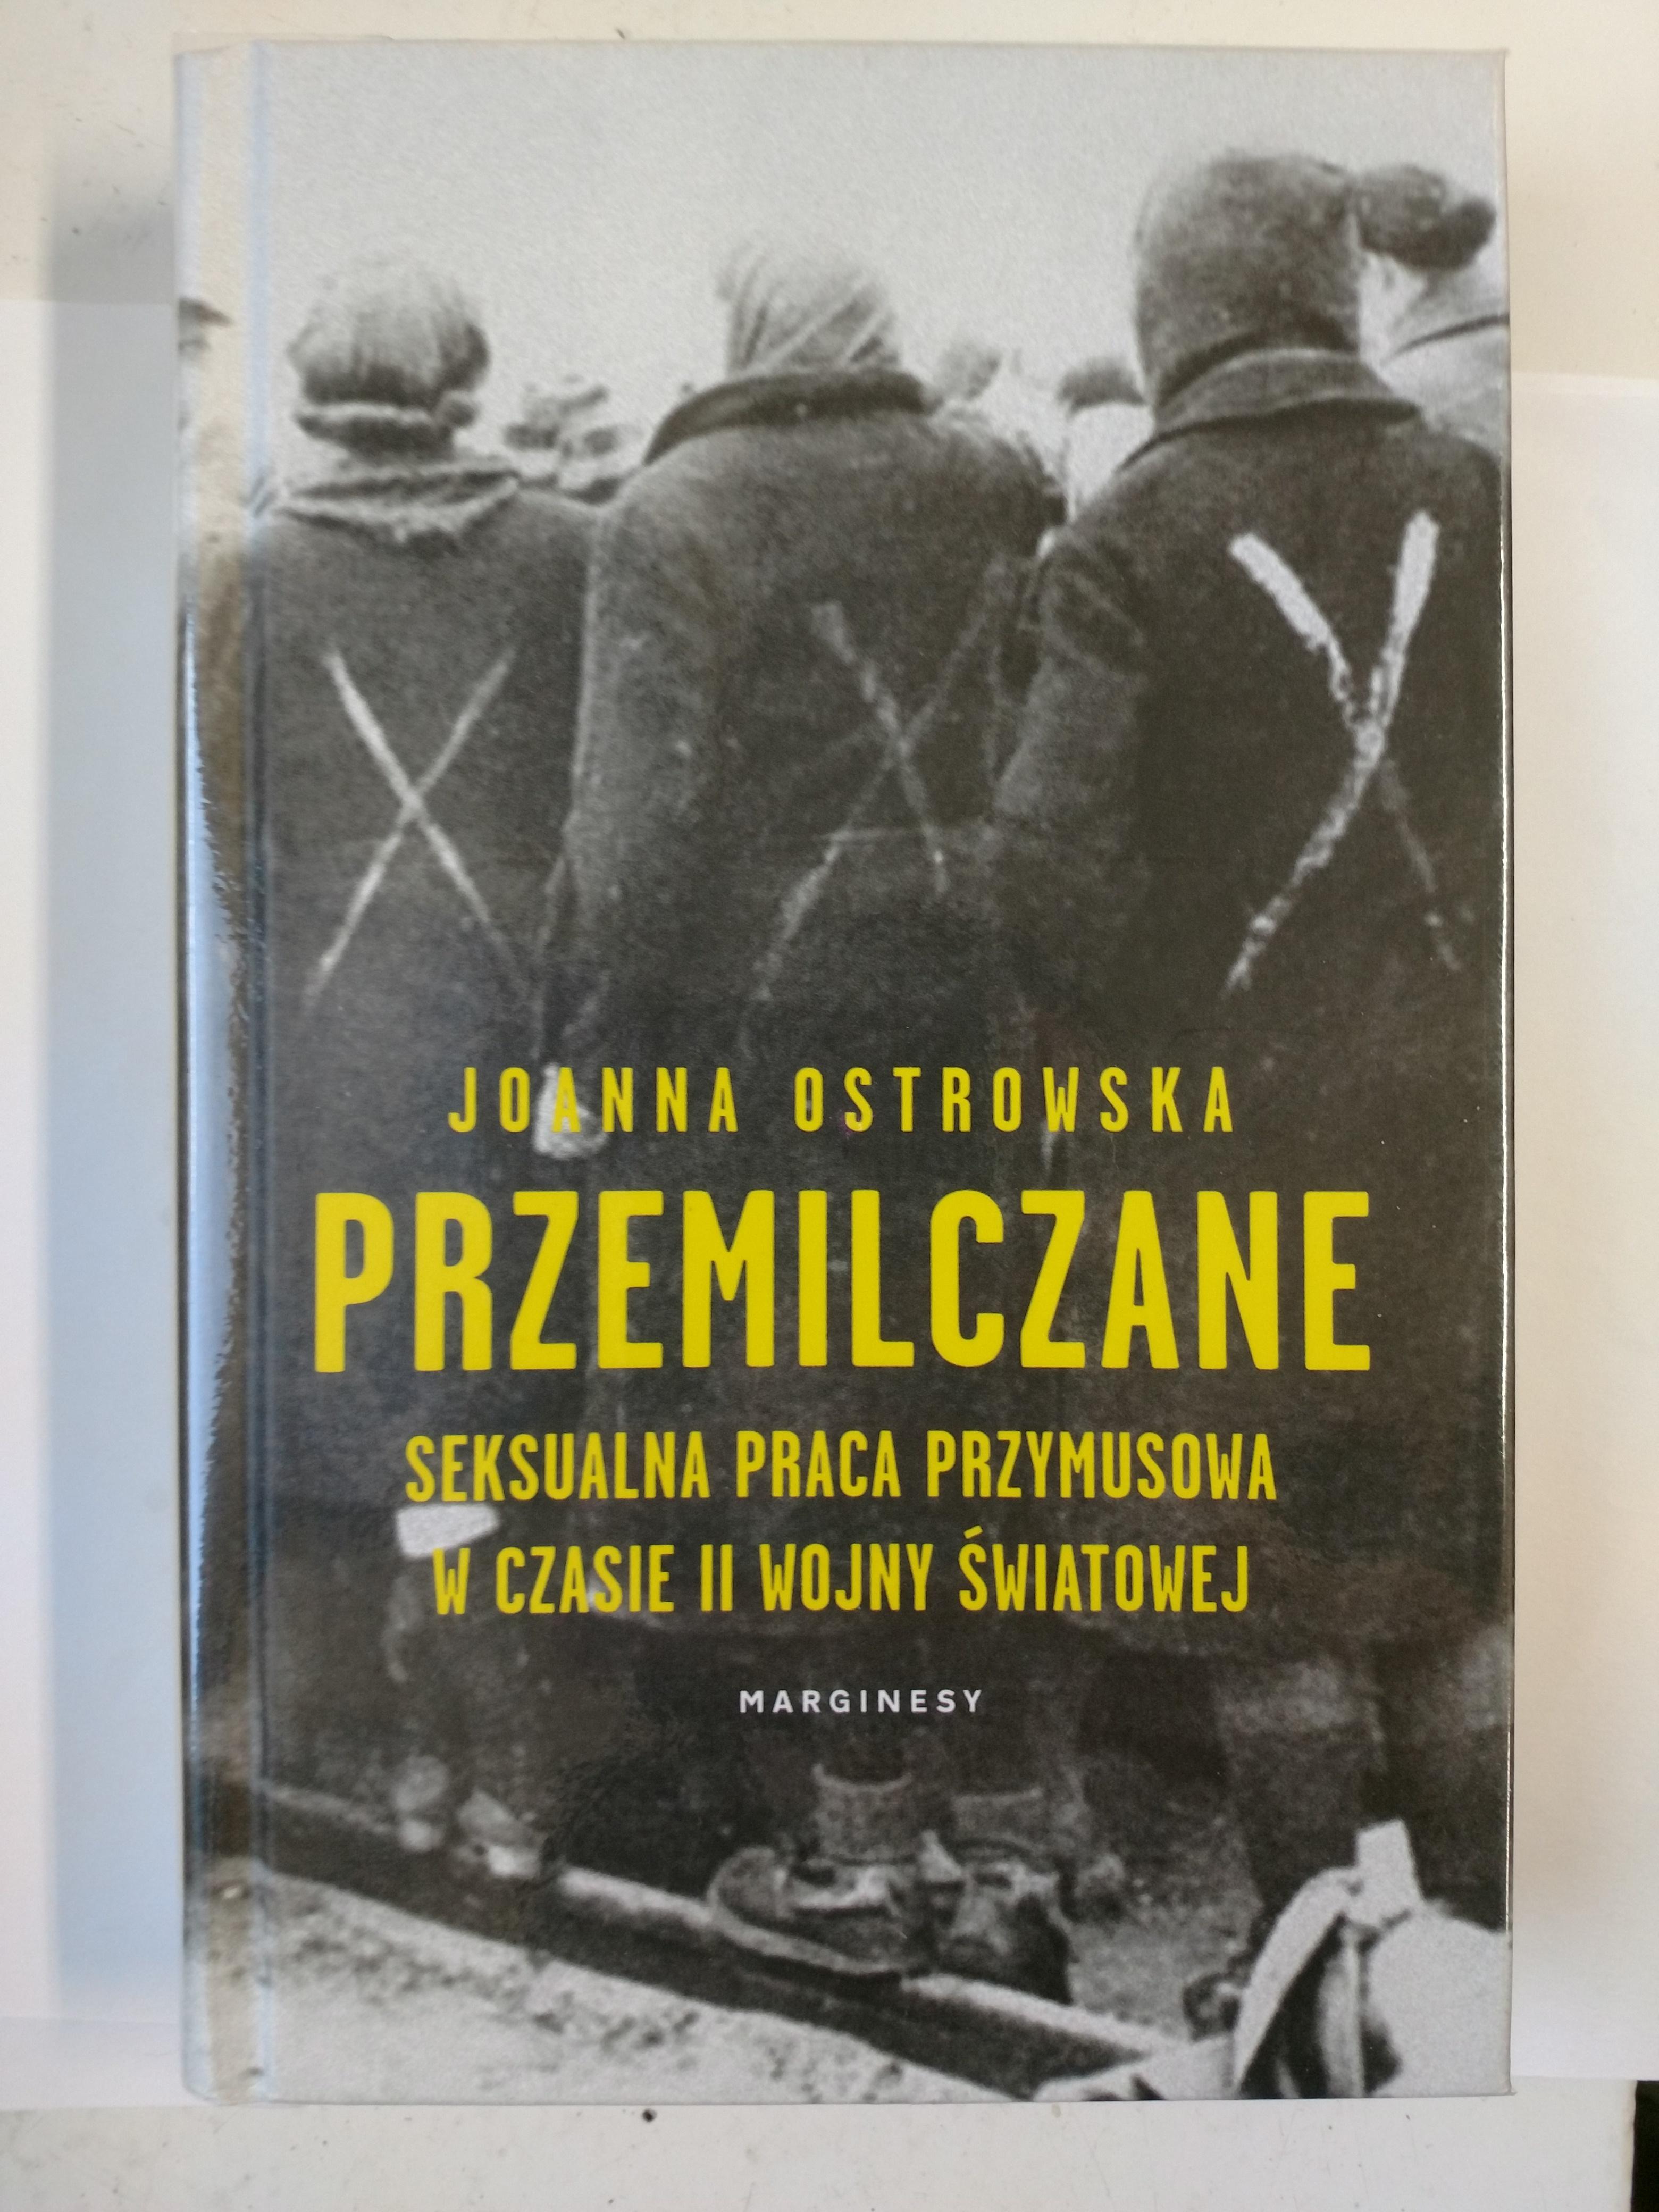 Przemilczane - Joanna Ostrowska